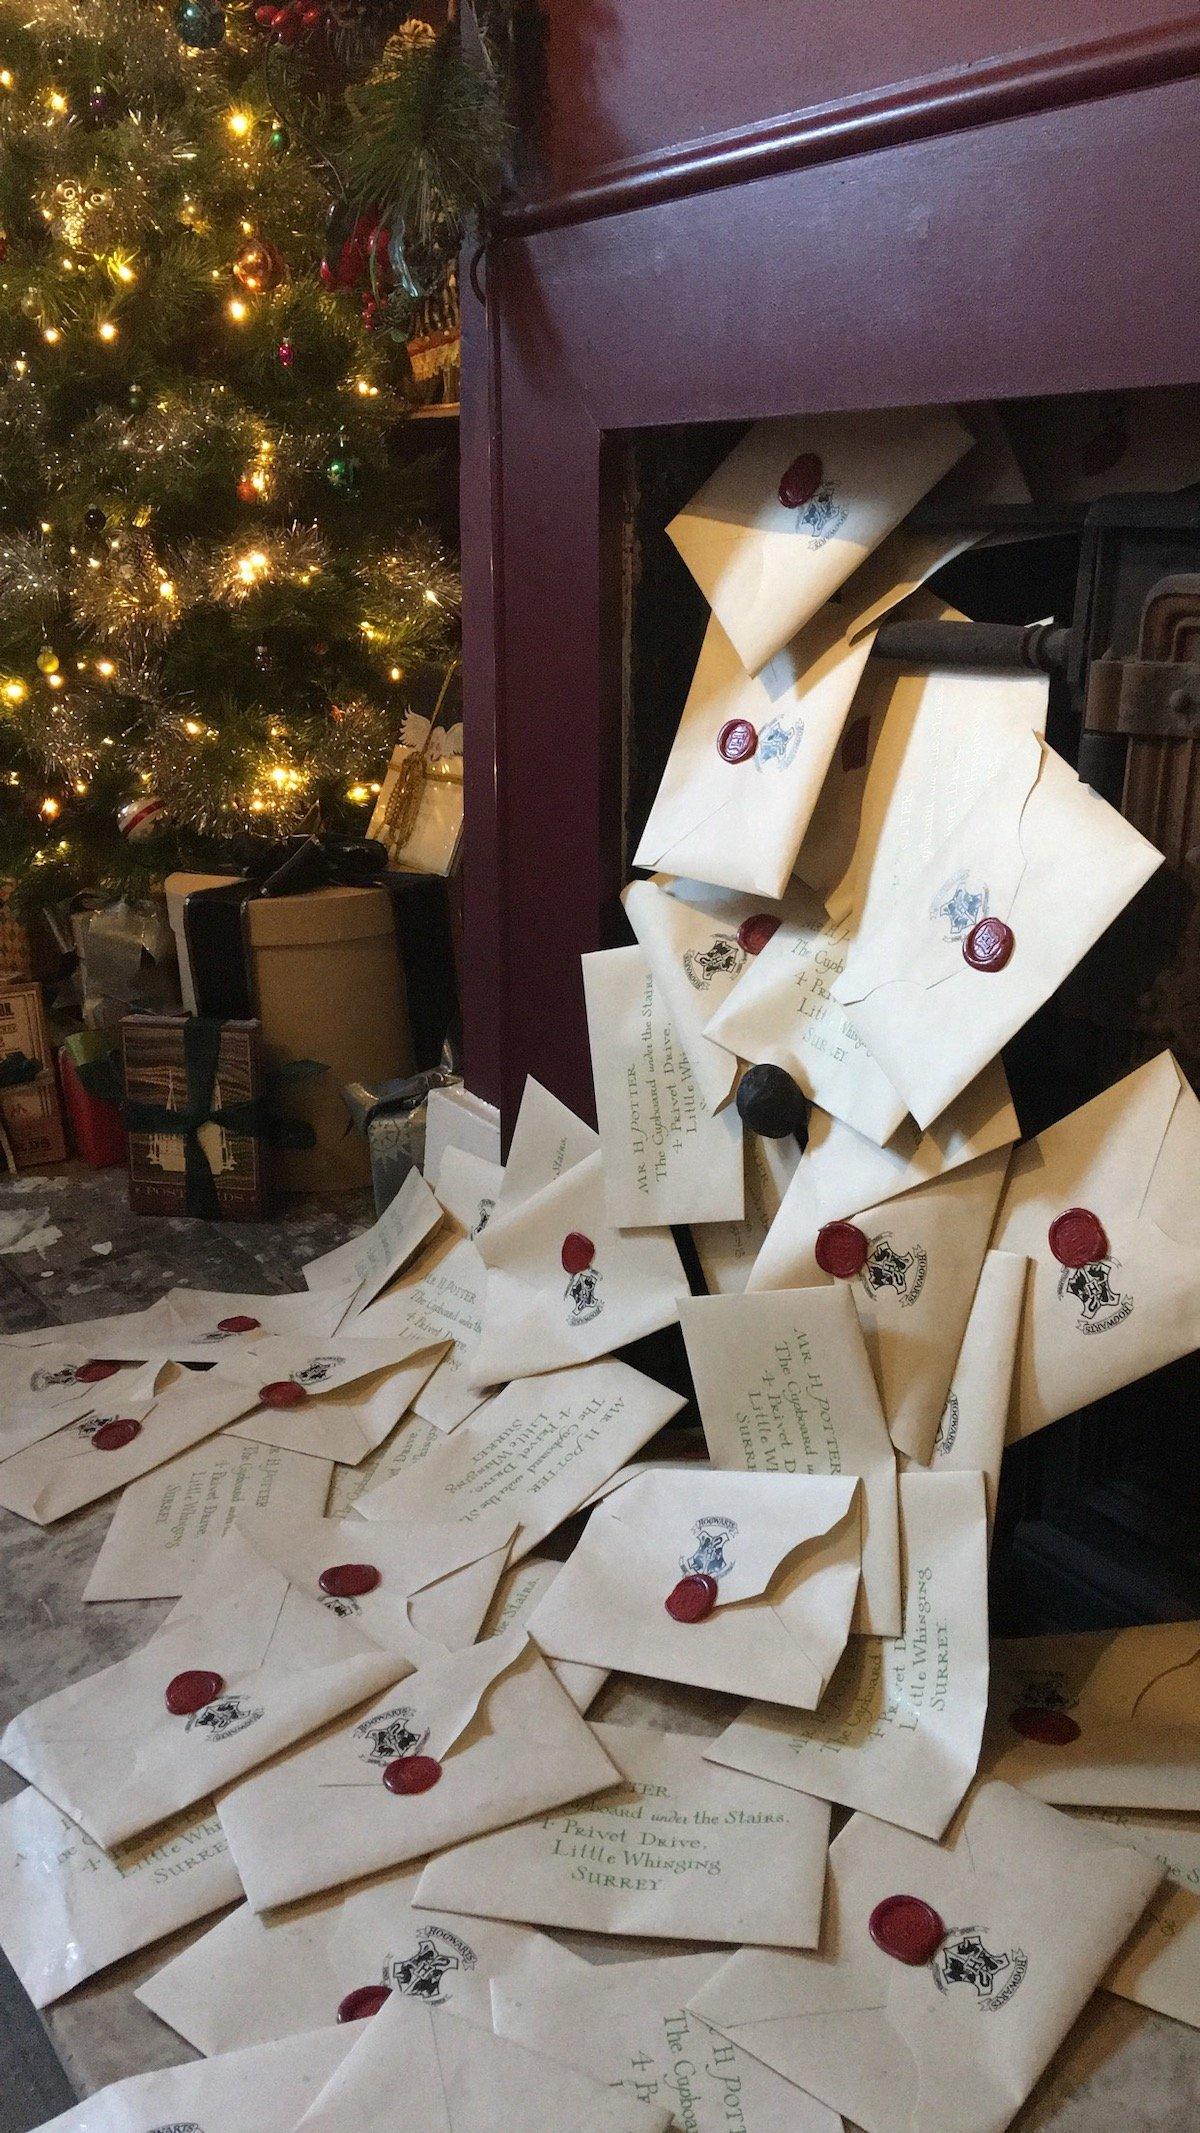 déco harry potter cheminée lettre poudlard décoration fête anniversaire - blog déco - clem around the corner